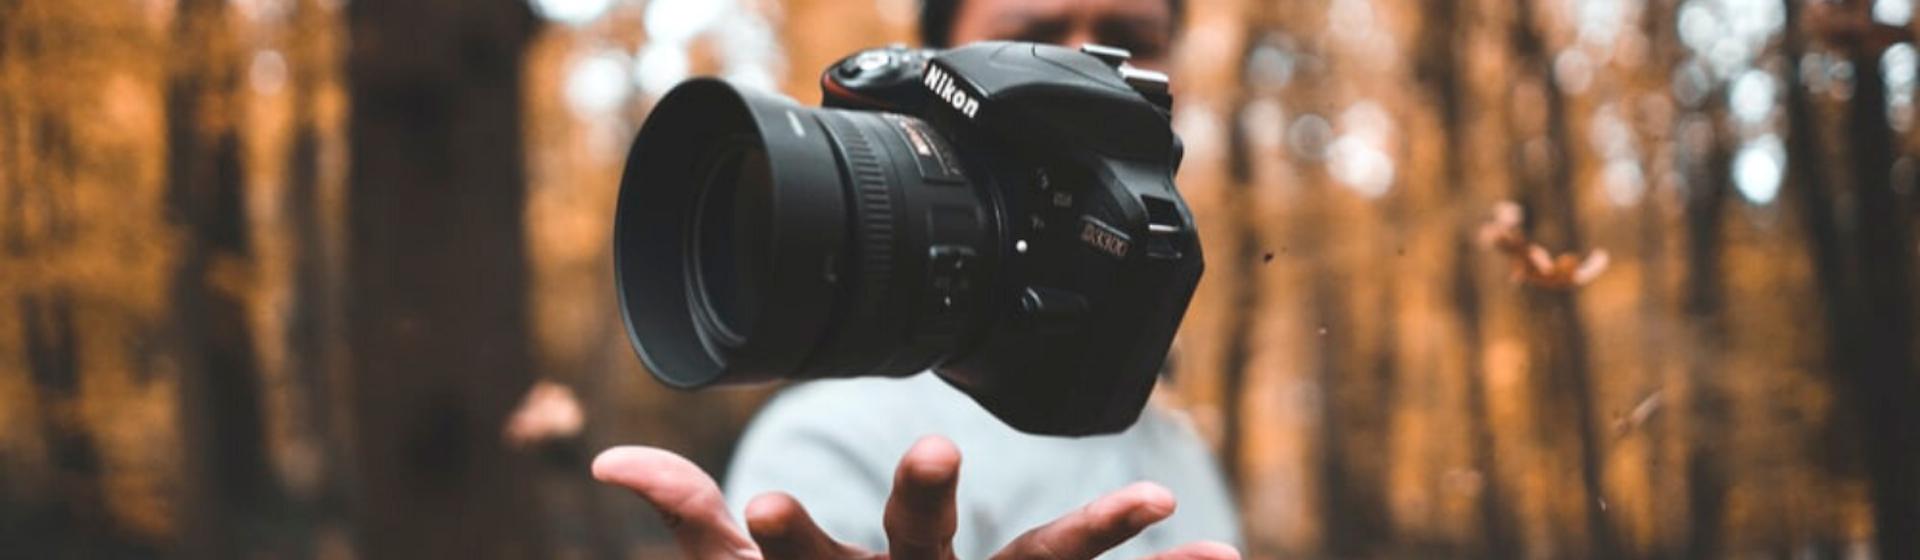 ¿Sueles publicar fotografías para redes sociales? Te damos algunos consejos para ser PRO